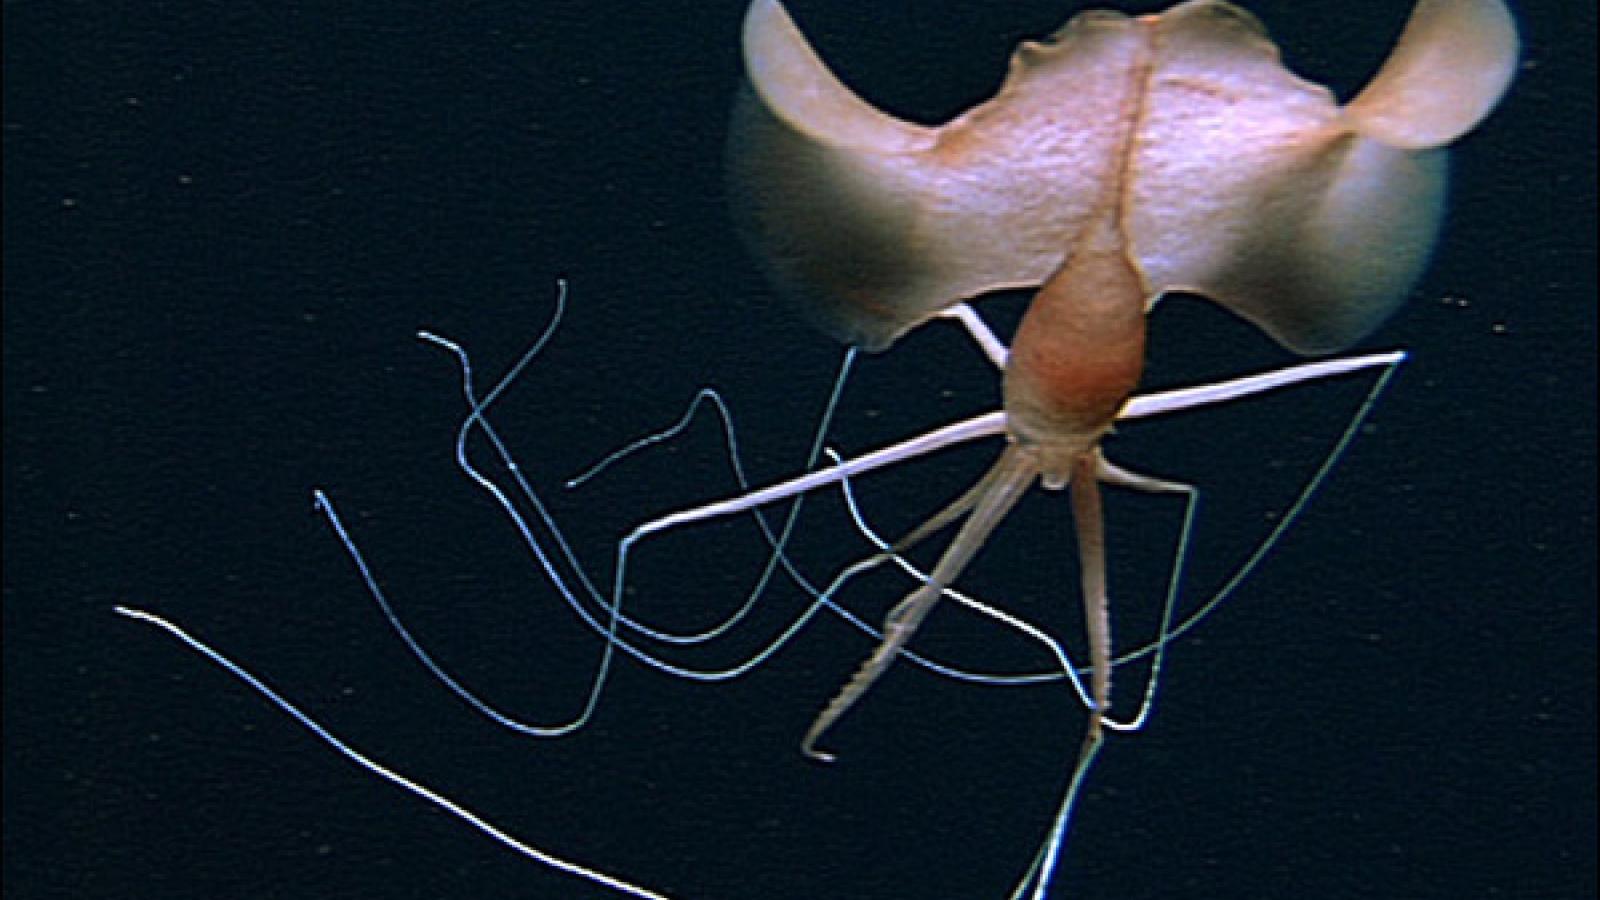 """Chiêm ngưỡng loài mực kỳ lạ nhất hành tinh """"biến hình"""" dưới đáy biển sâu"""